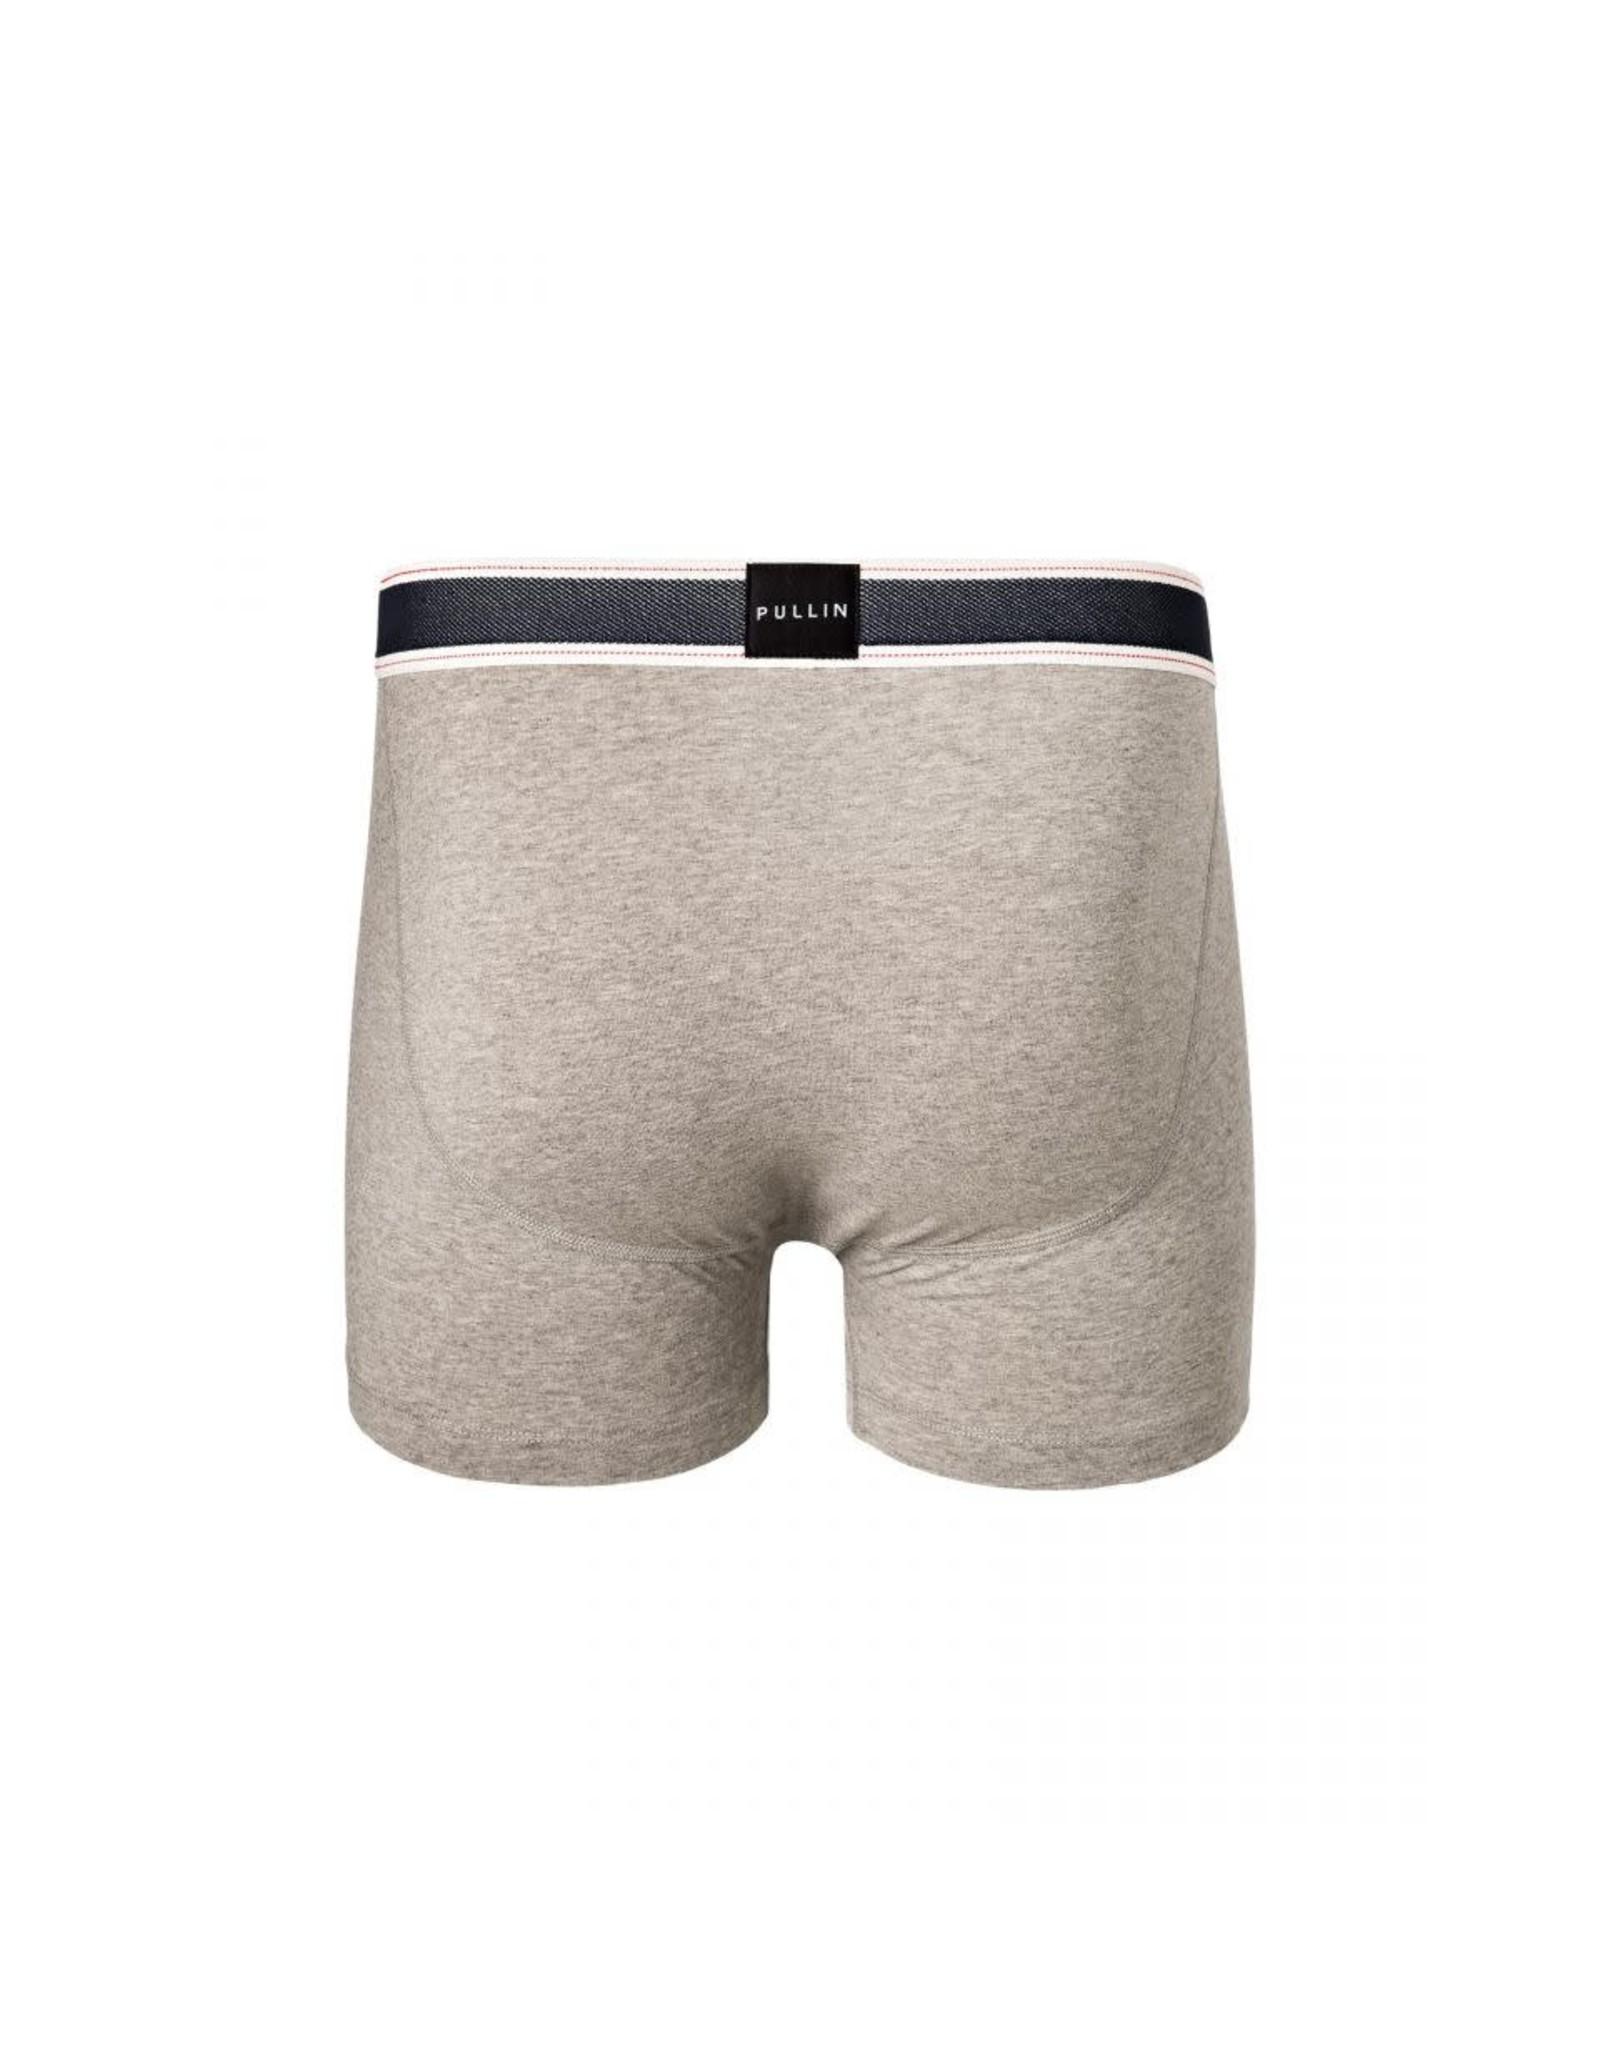 Pullin Sous-vêtement coton Pullin gris Master